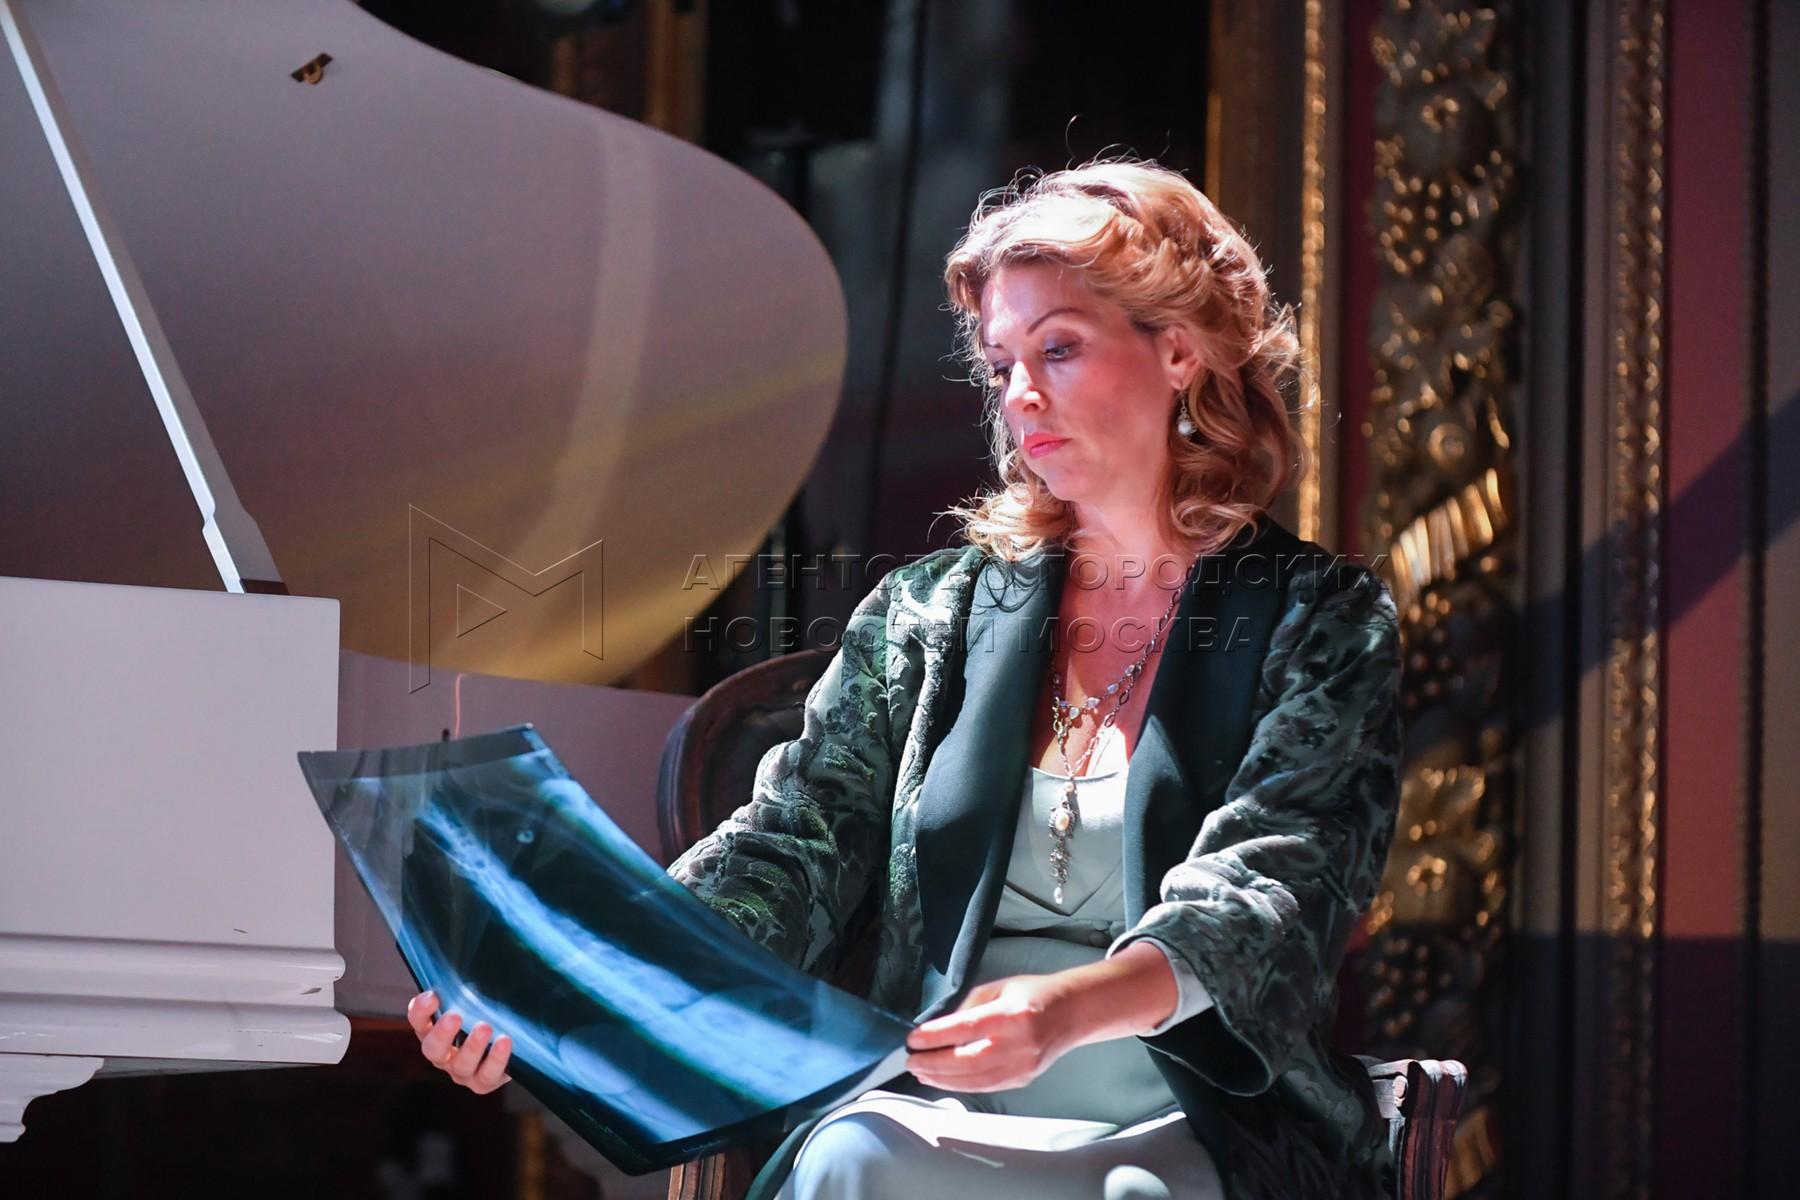 Пианистка Басиния Шульман в сцене из спектакля «Высокая вода венецианцев» в московском театре «Школа современной пьесы».